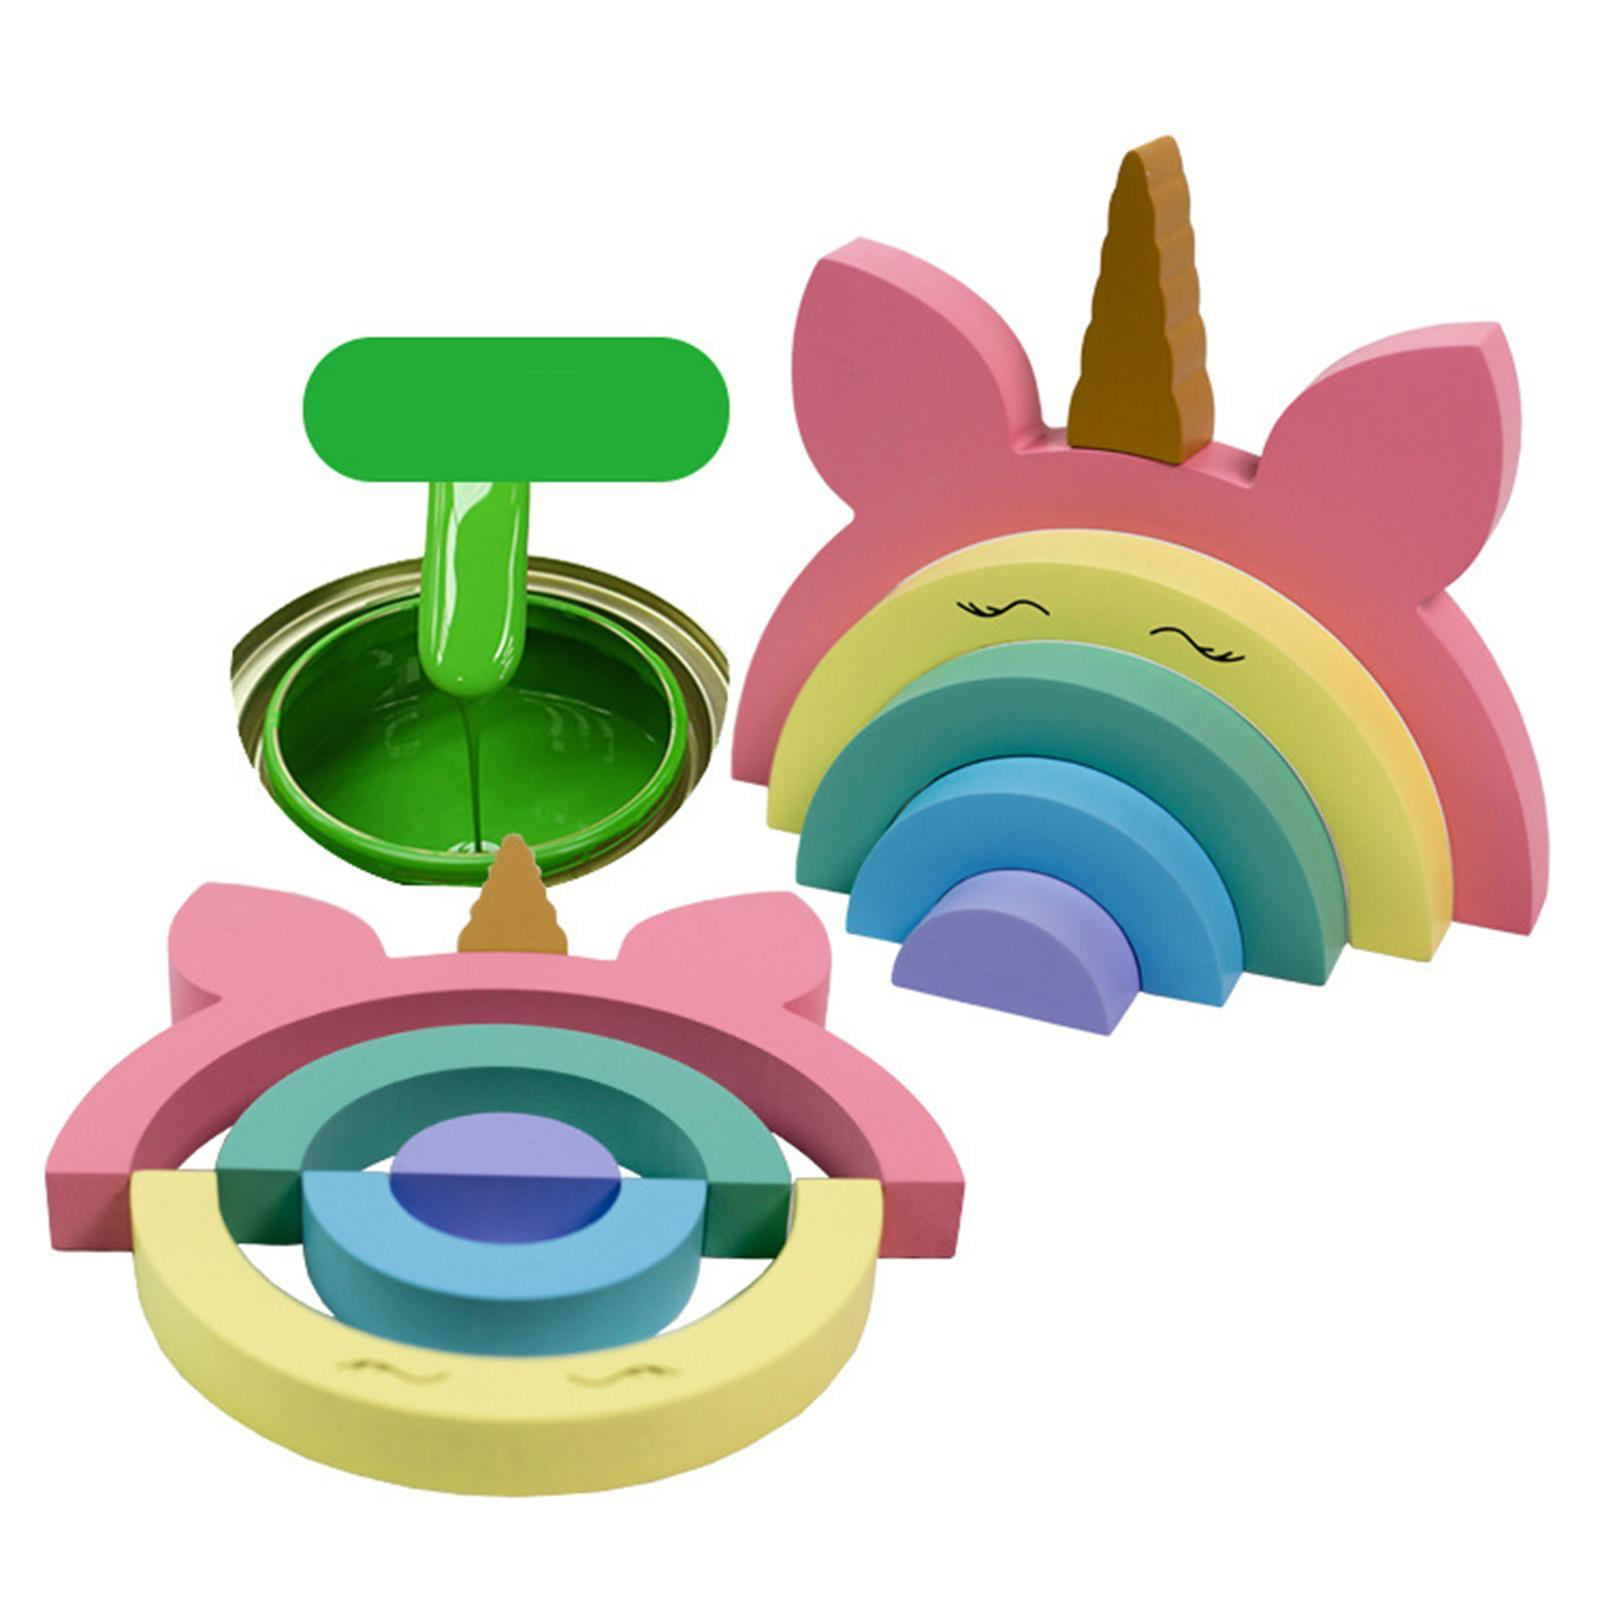 miniature 11 - Blocs de construction d'empilage coloré en bois créatif jouet de bébé Montes